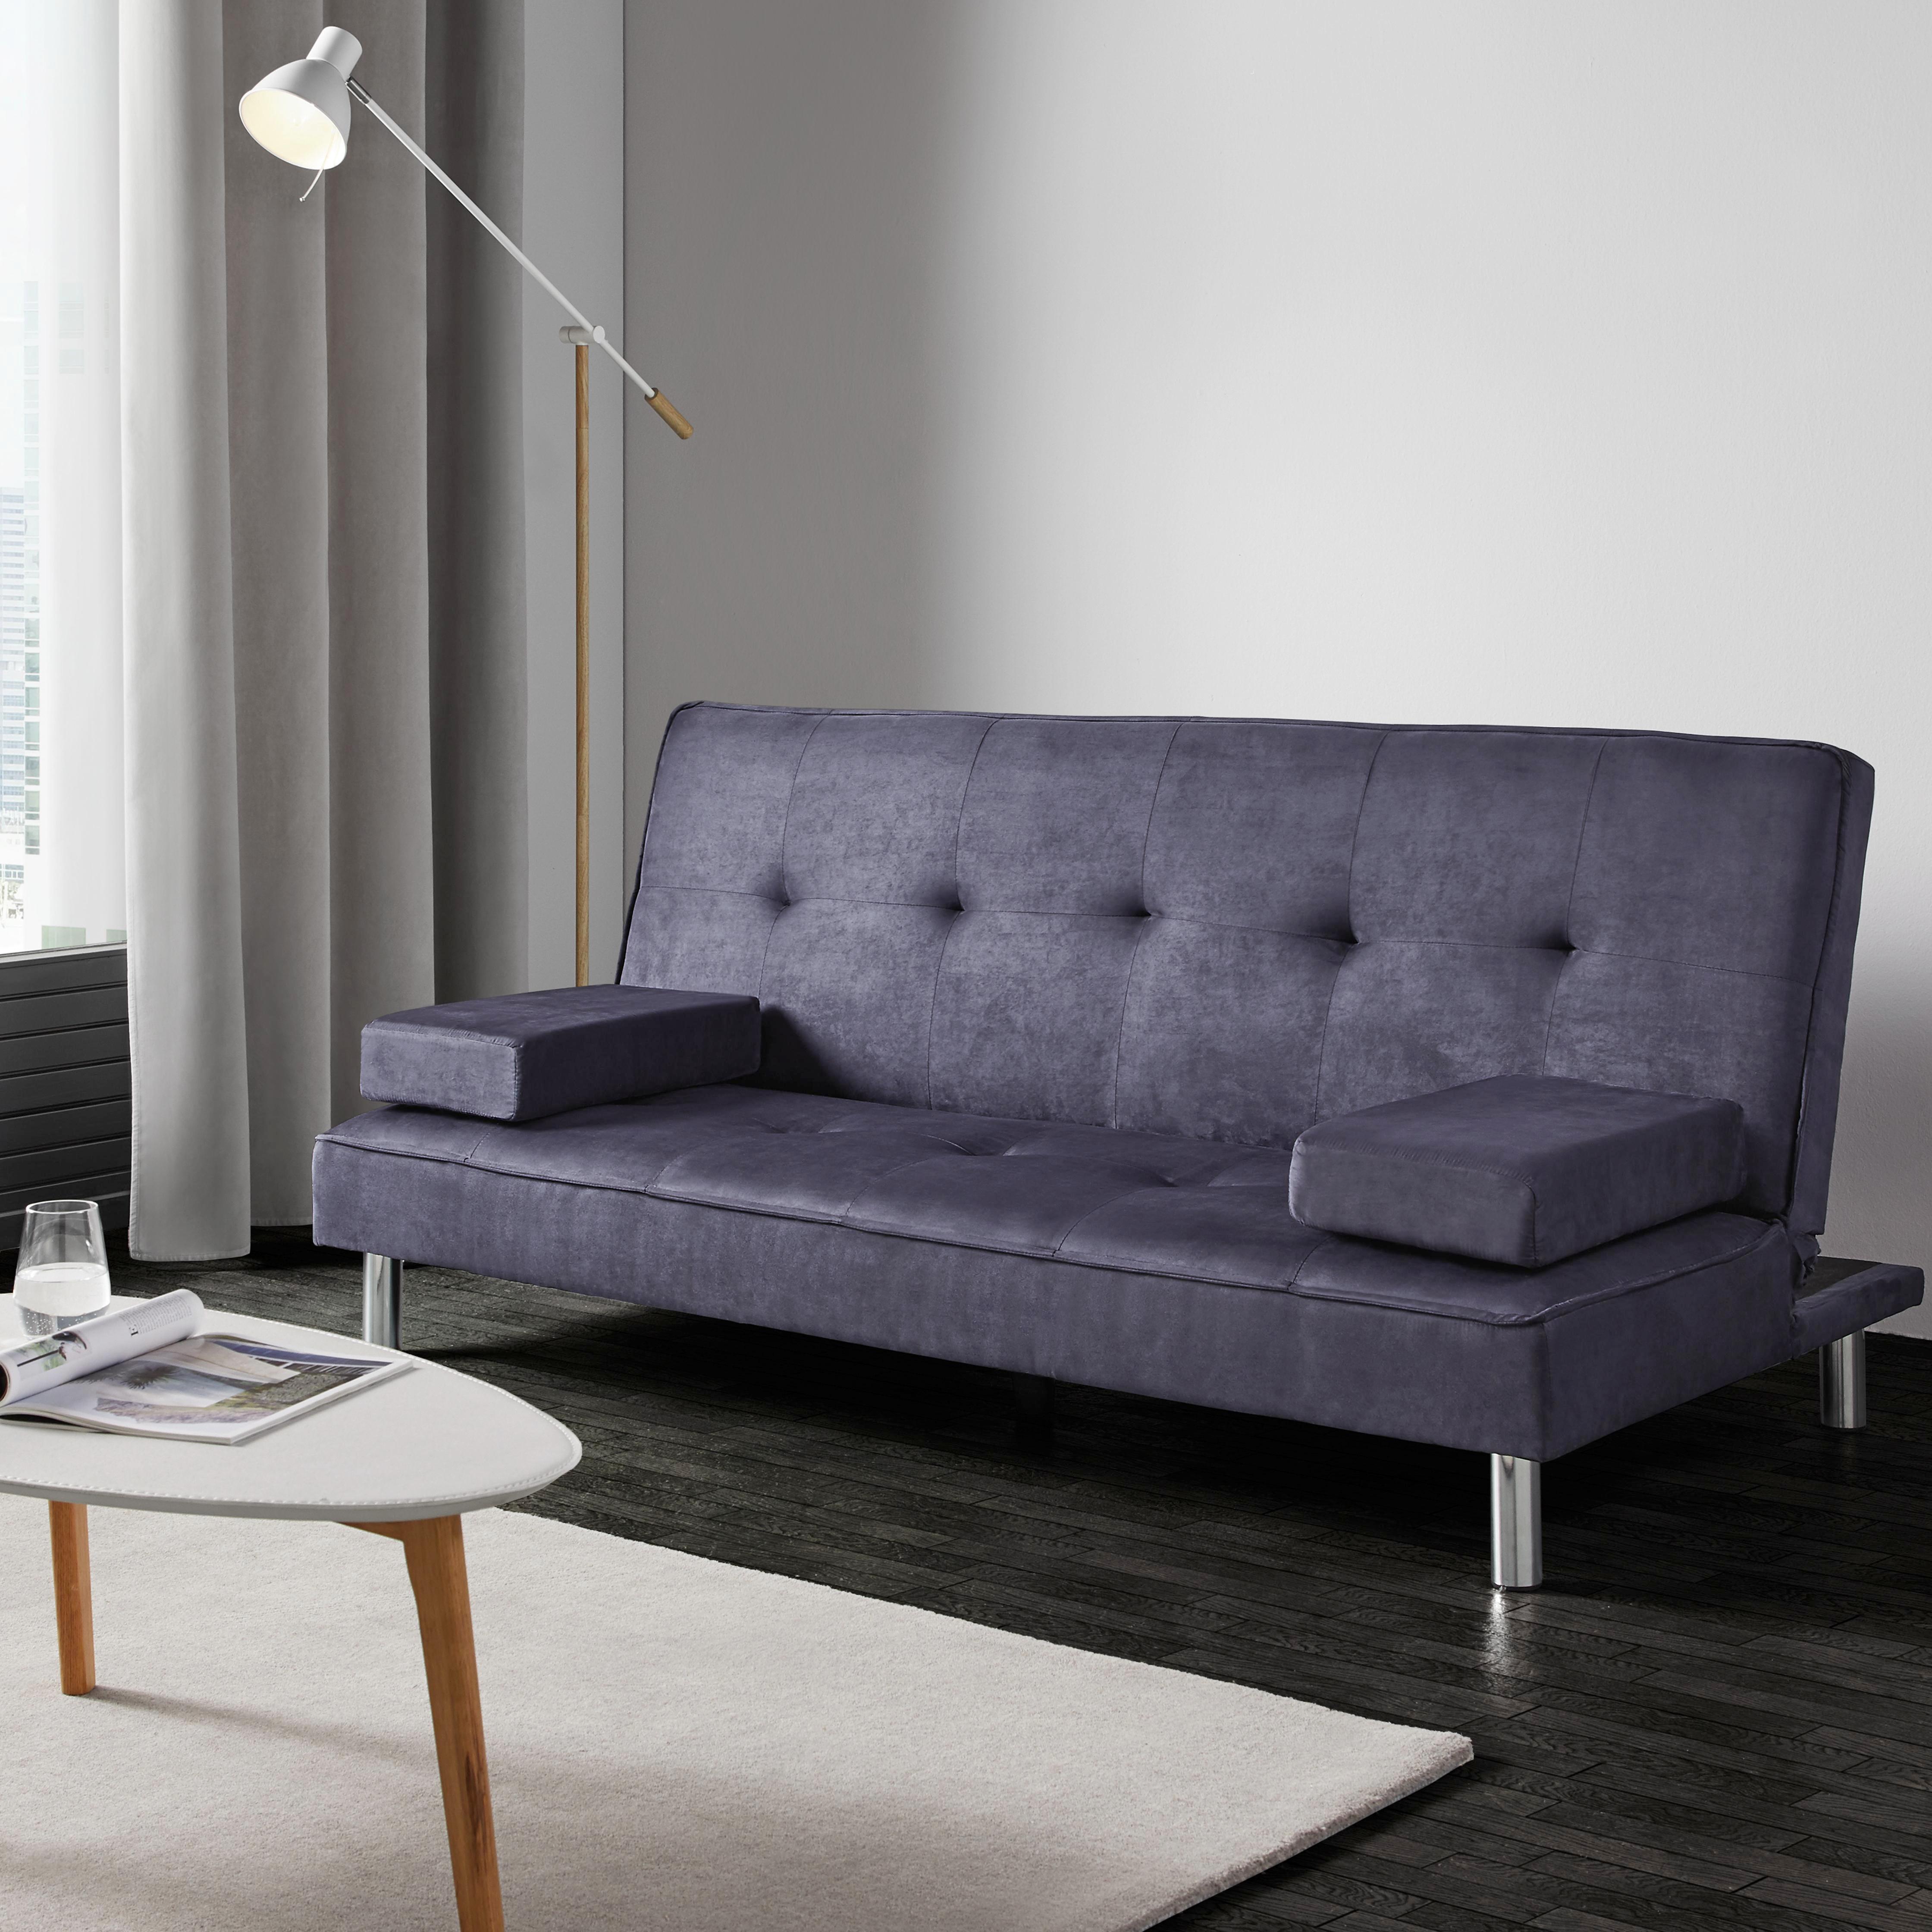 Schlafsofa Esther   Blau/Grau, MODERN, Kunststoff/Textil (180/80